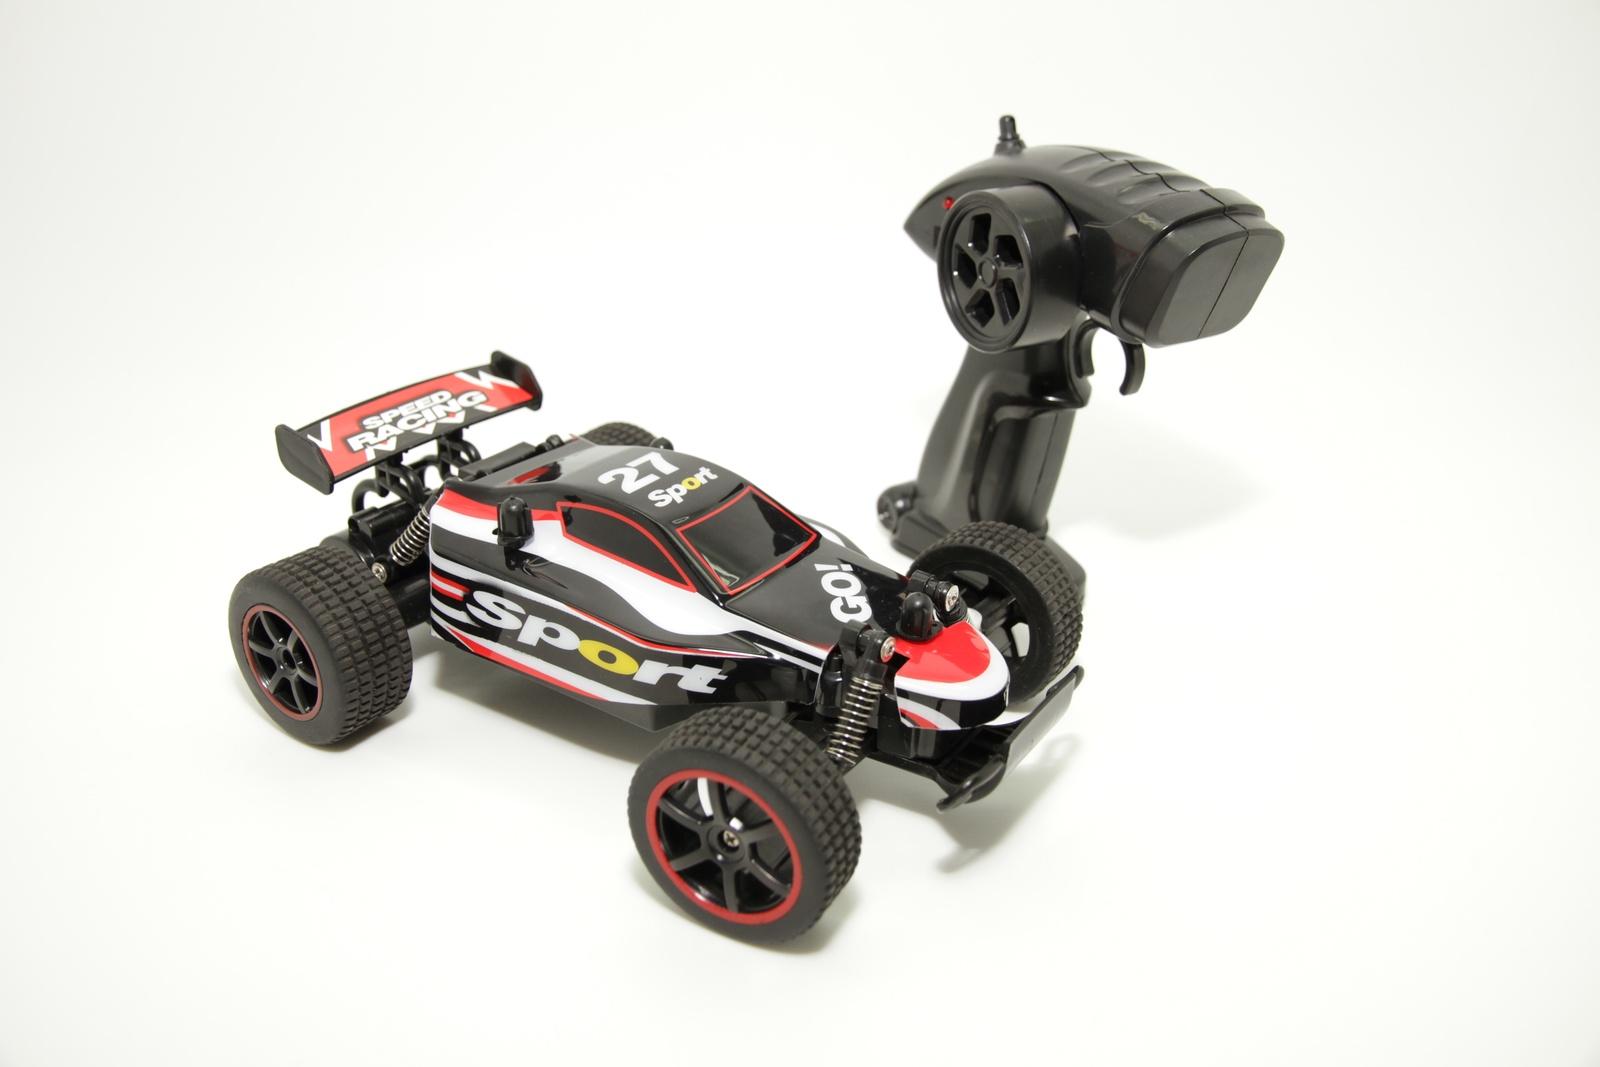 Машинка радиоуправляемая Balbi RCS-5201B, A0G1082914 красный, черный автомобиль balbi автомобиль черный от 5 лет пластик металл rcs 2401 a